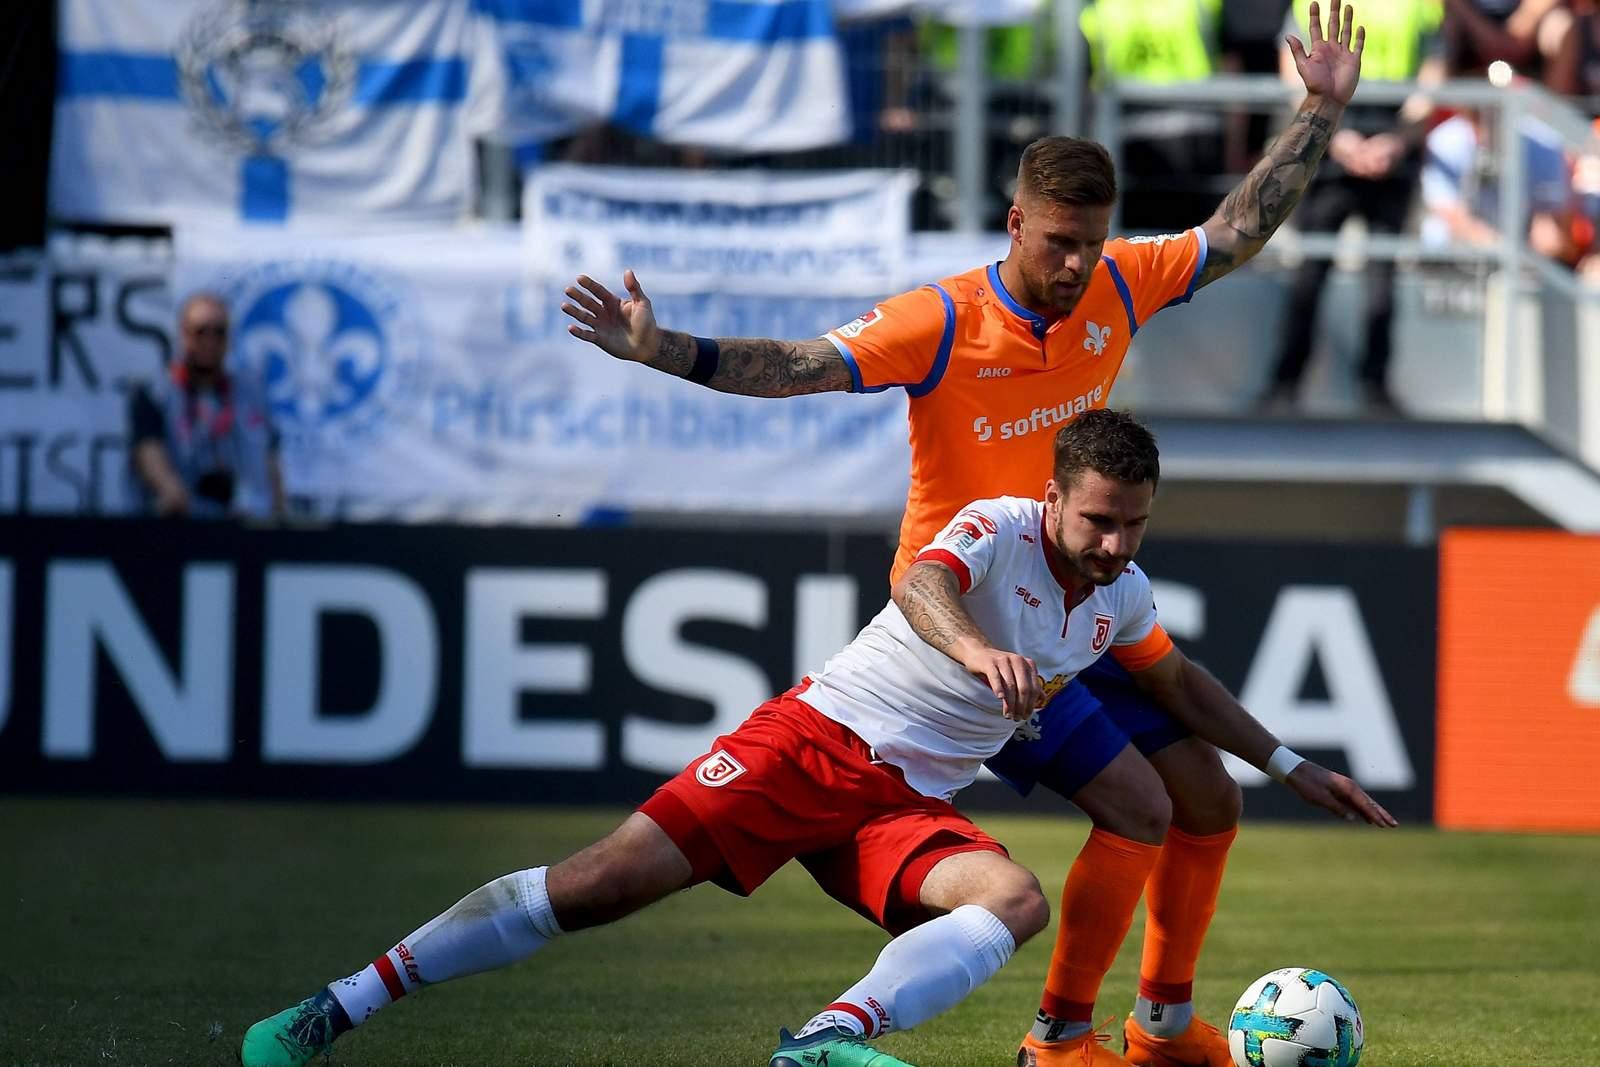 Zeigt Marco Grüttner im Duell mit Tobias kempe mehr Durchsetzungskraft? Jetzt auf Jahn Regensburg gegen Darmstadt 98 wetten.